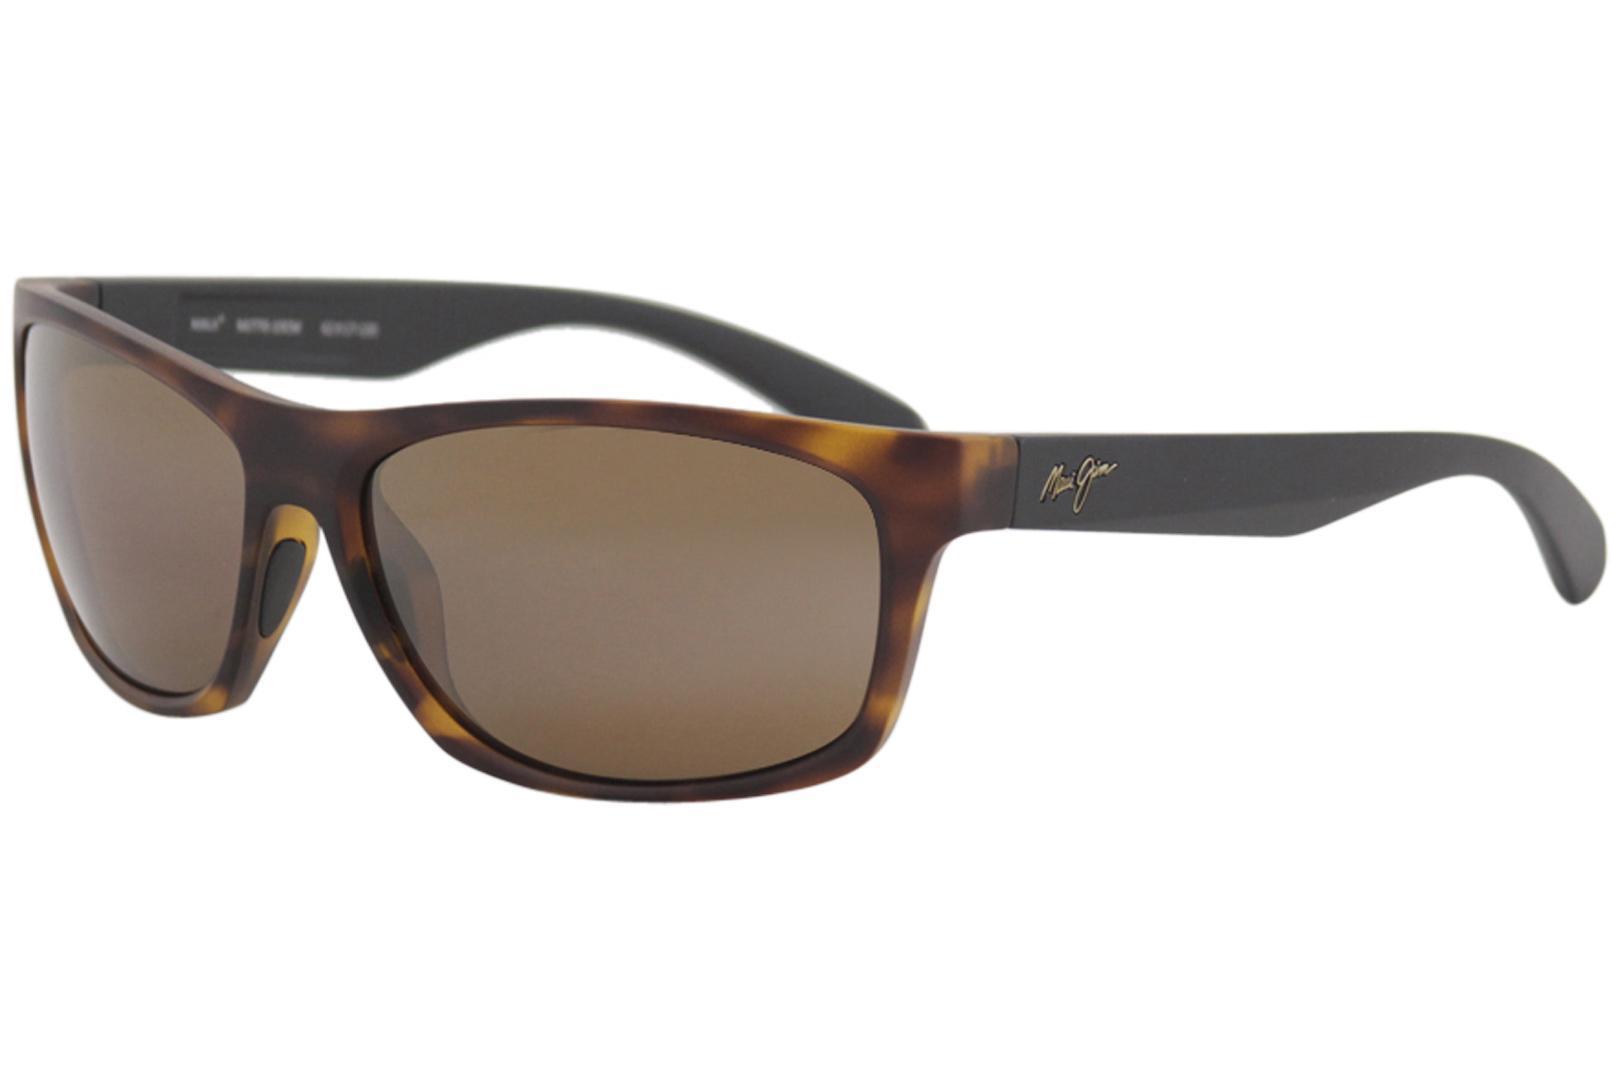 ab19199535 Maui Jim Men sTubmleland MJ770 MJ 770 Fashion Square Sunglasses